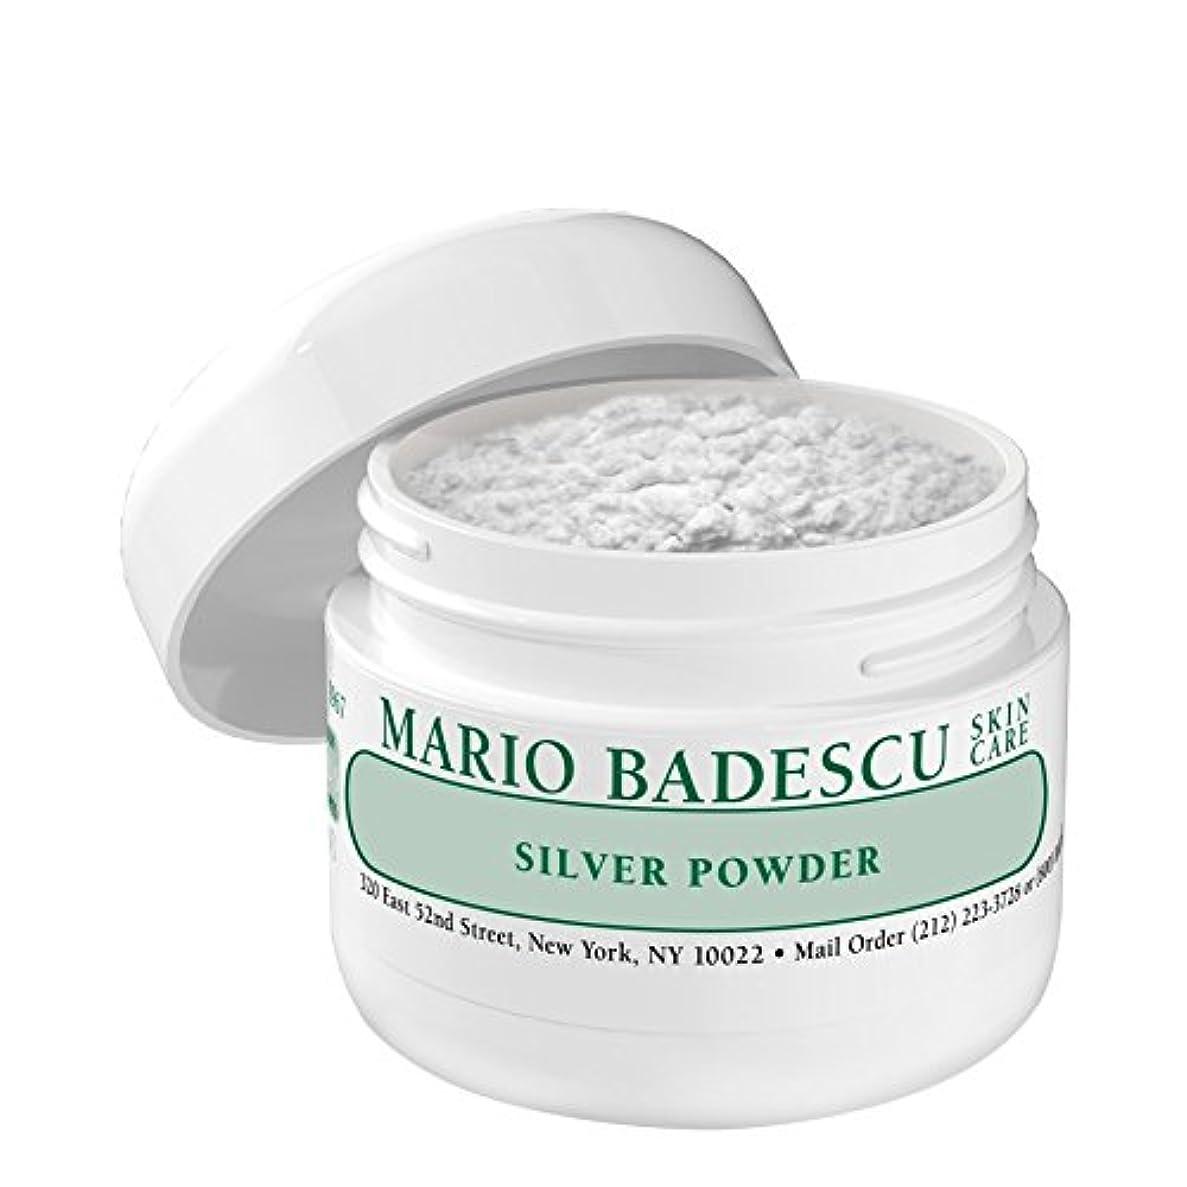 ハンドブックメタリック架空のMario Badescu Silver Powder - マリオ?バデスキュー銀粉末 [並行輸入品]